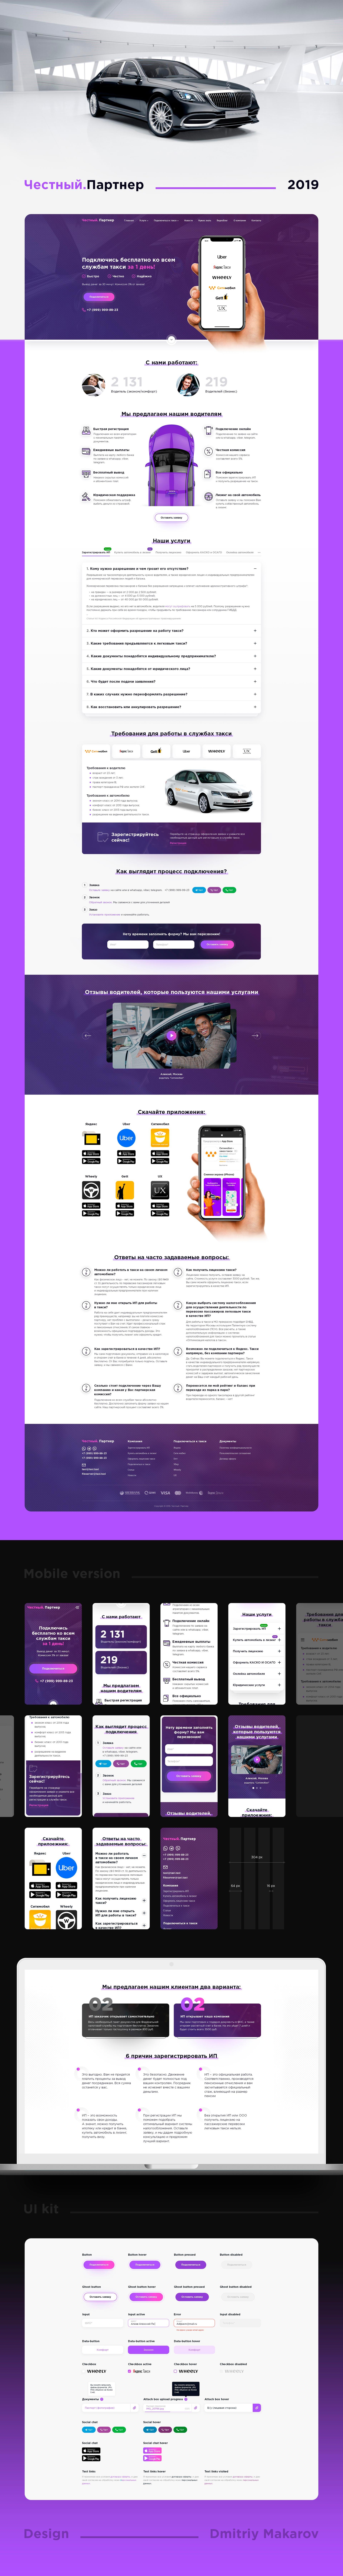 Адаптивный дизайн   Сервис по подключению к агрегаторам такси